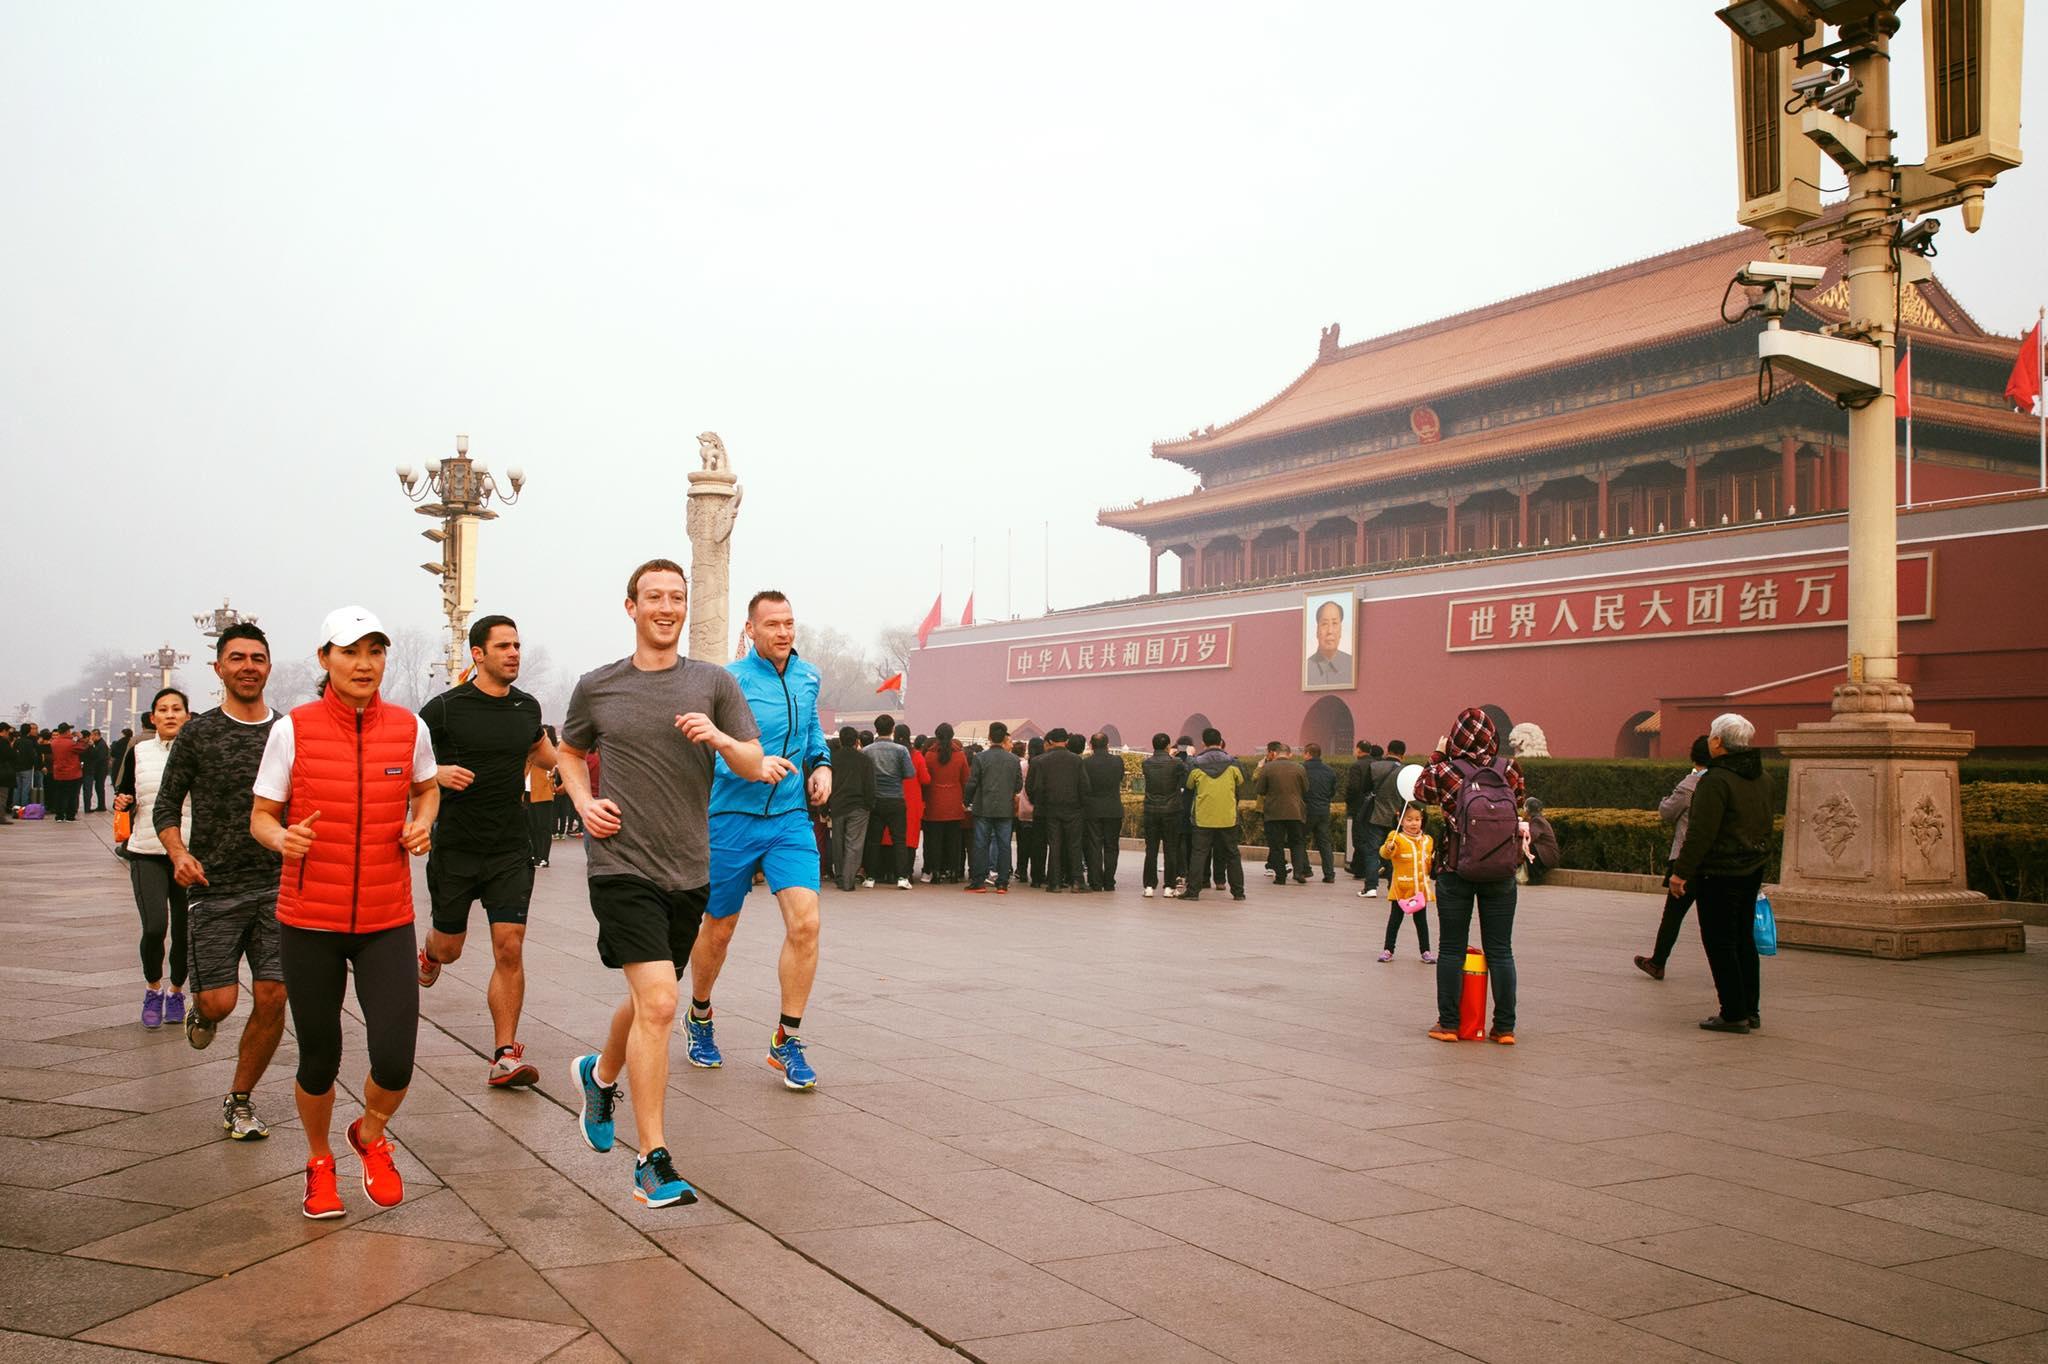 A Facebook titokban bevezetett egy fotómegosztó alkalmazást Kínában